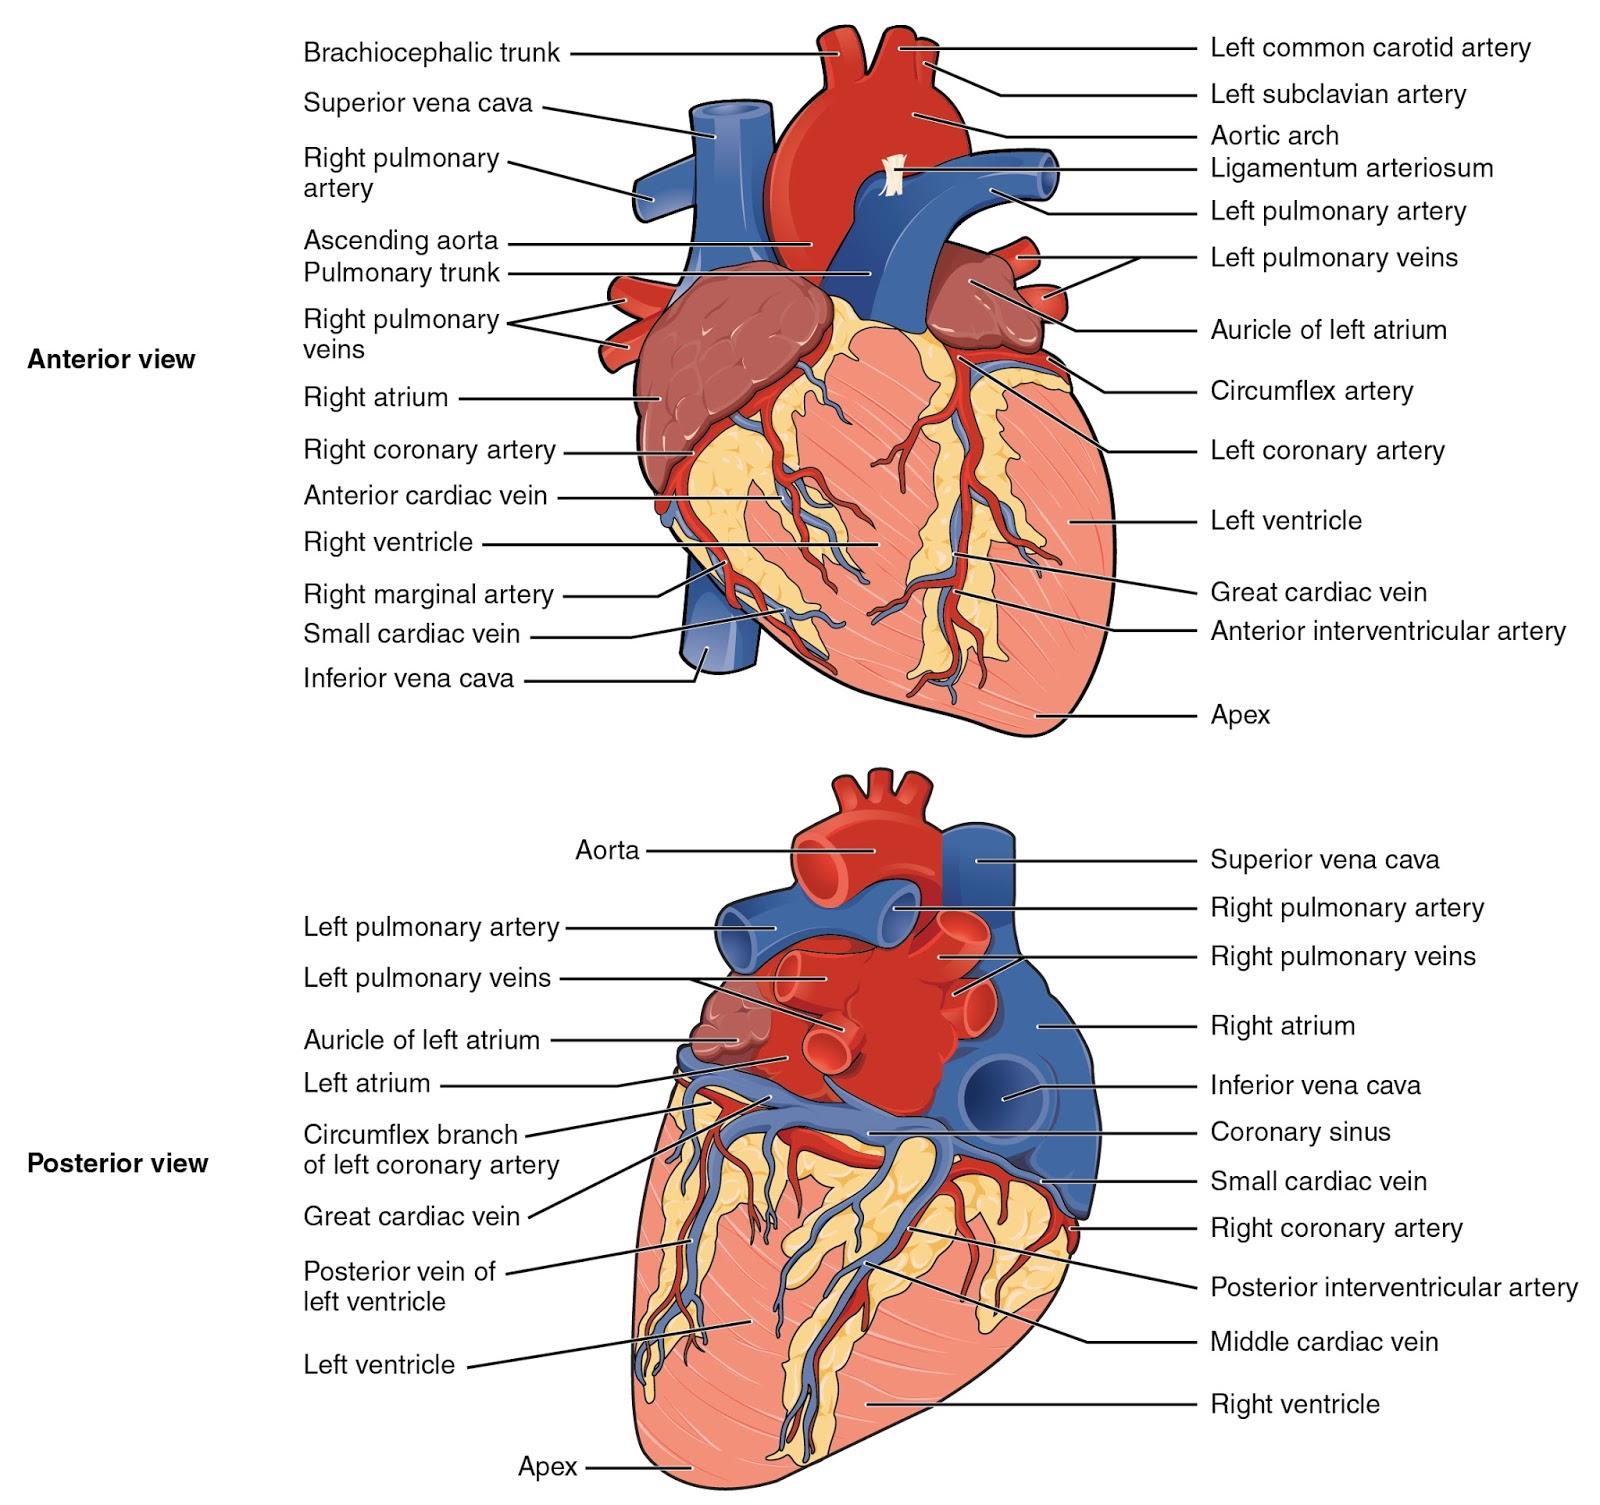 Wunderbar Menschliches Herz Diagramm Ohne Etiketten Bilder ...